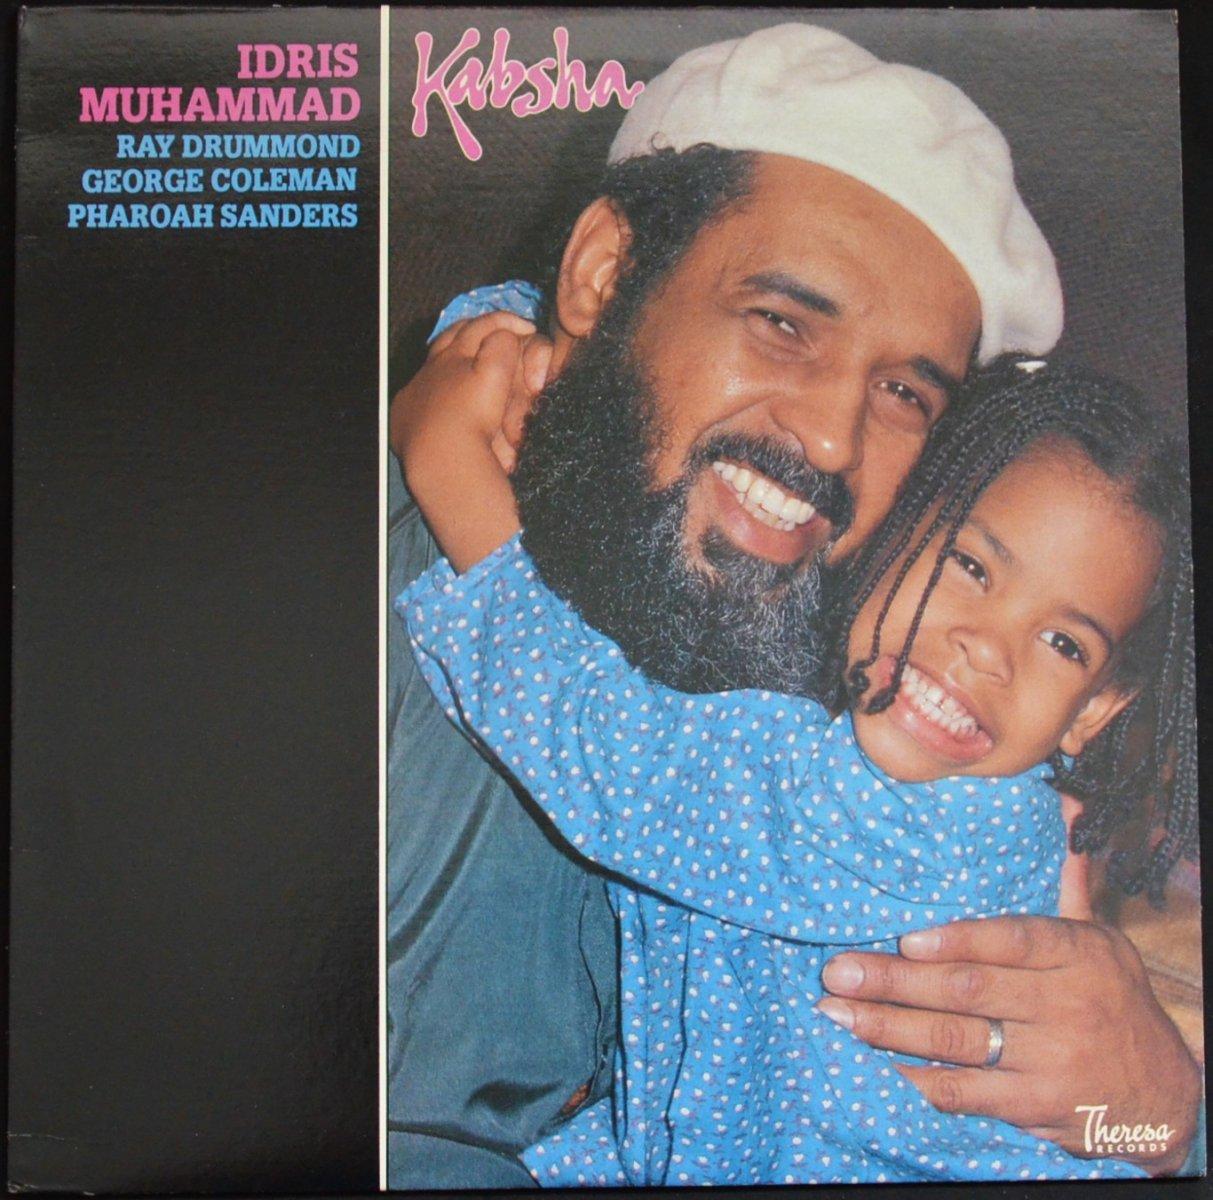 IDRIS MUHAMMAD / KABSHA (LP)